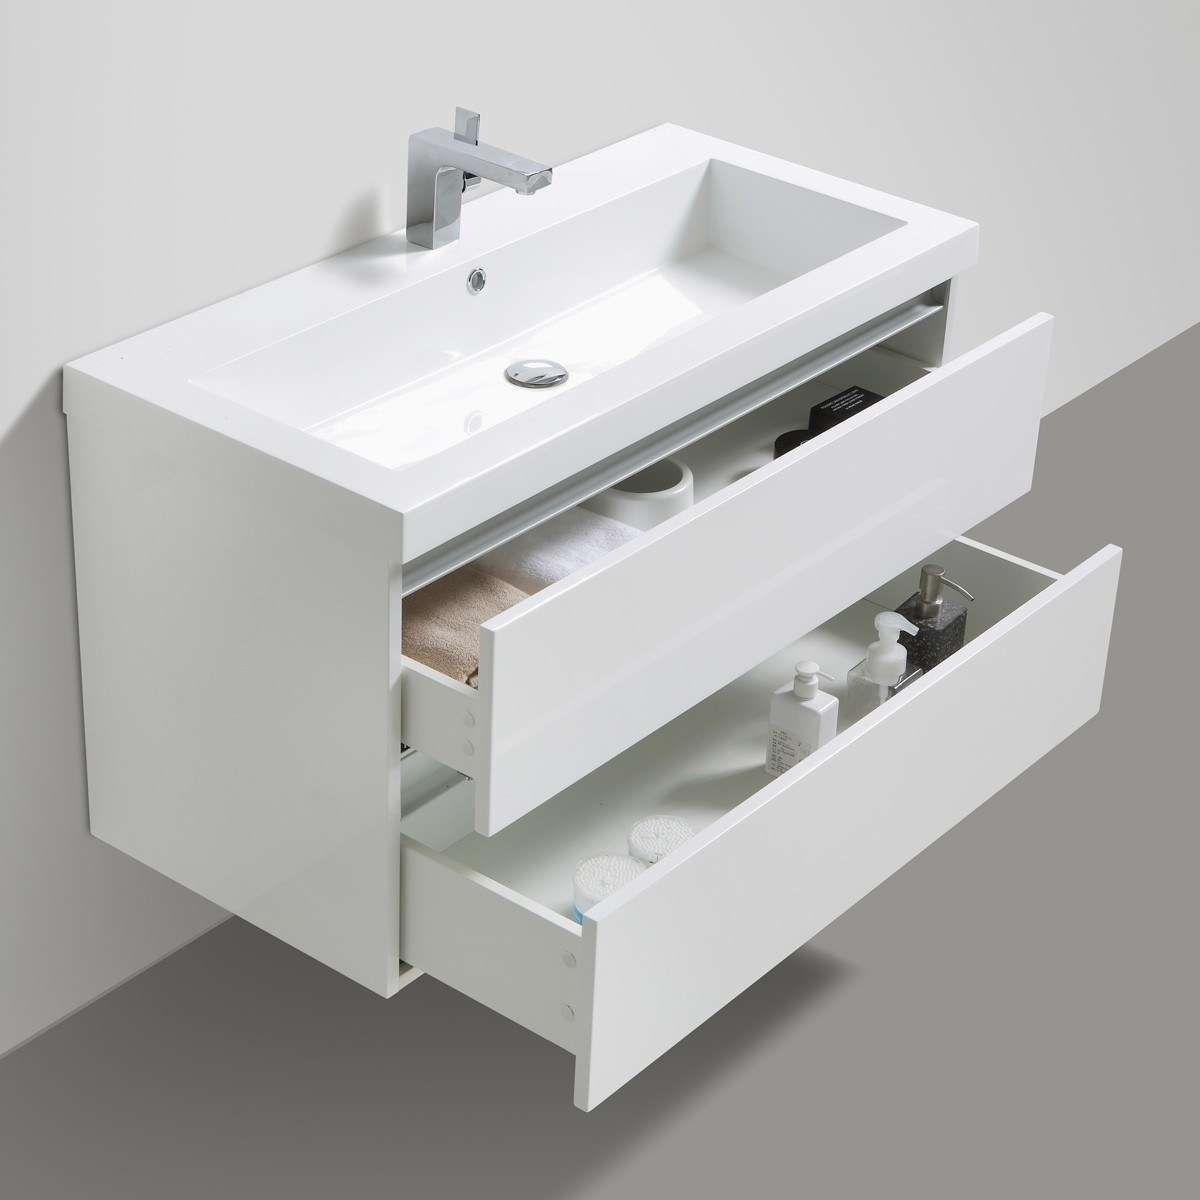 Waschbeckenunterschrank 100 Cm Breit Waschbeckenunterschrank 80 Cm Breit In 2020 Modern Bathroom Vanity Modern Bathroom Glossy White